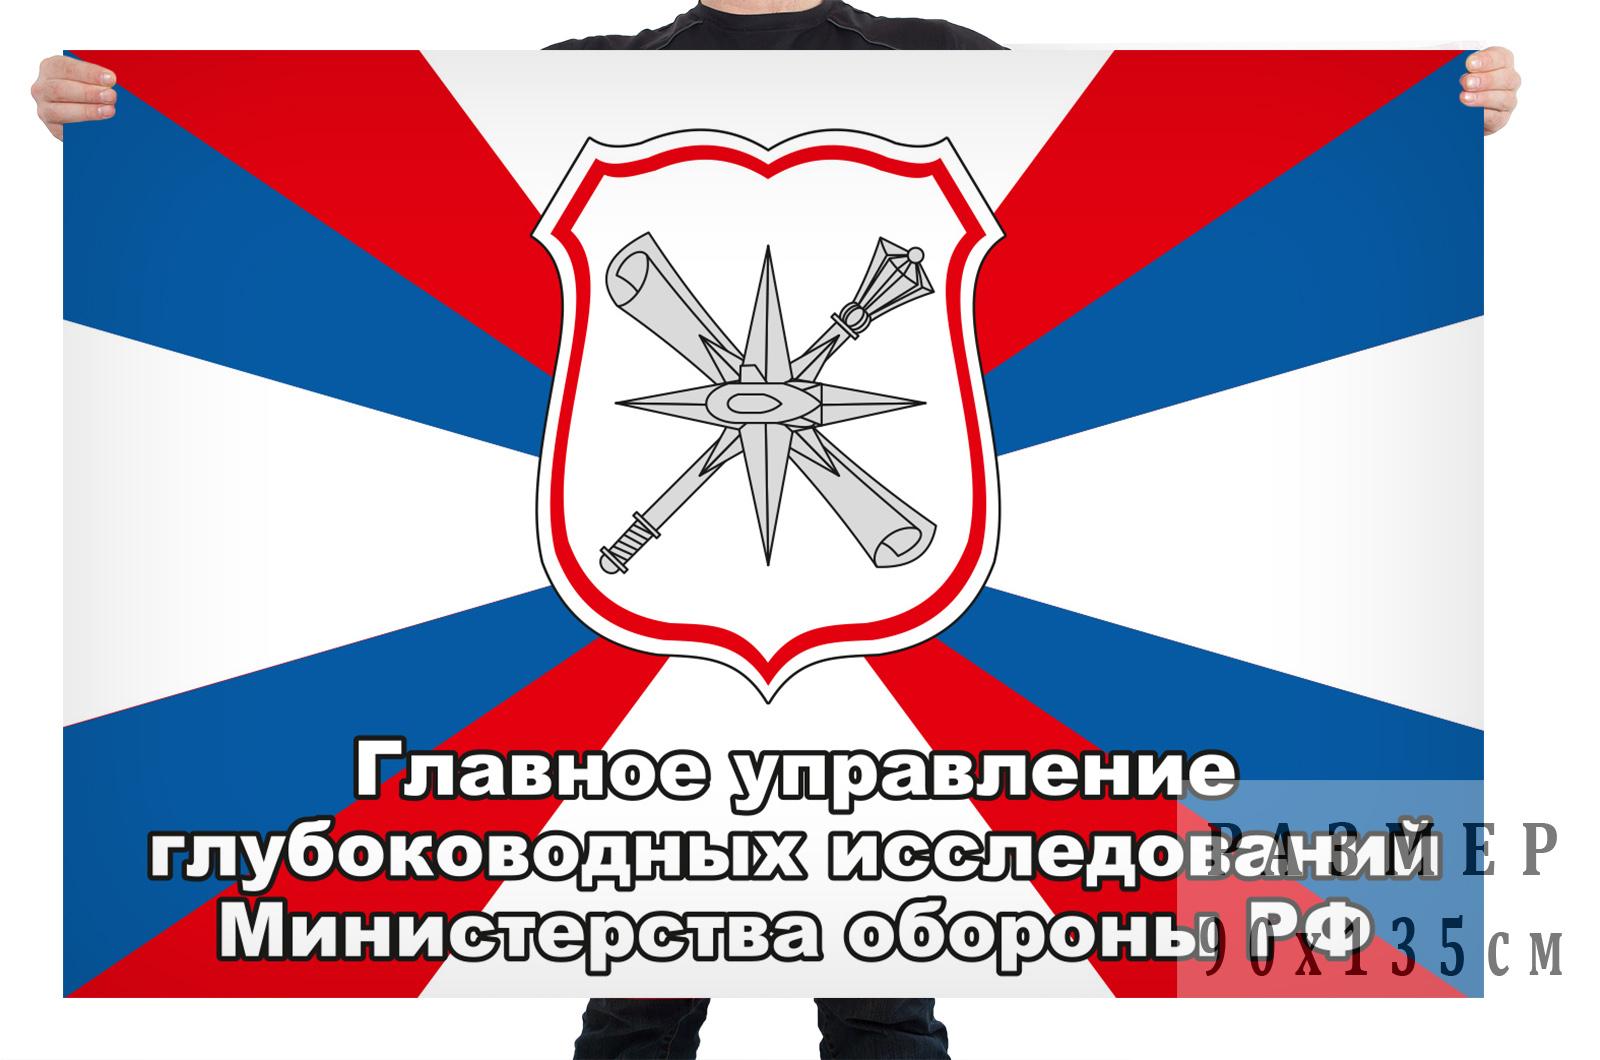 Флаг главного управления глубоководных исследований МО РФ